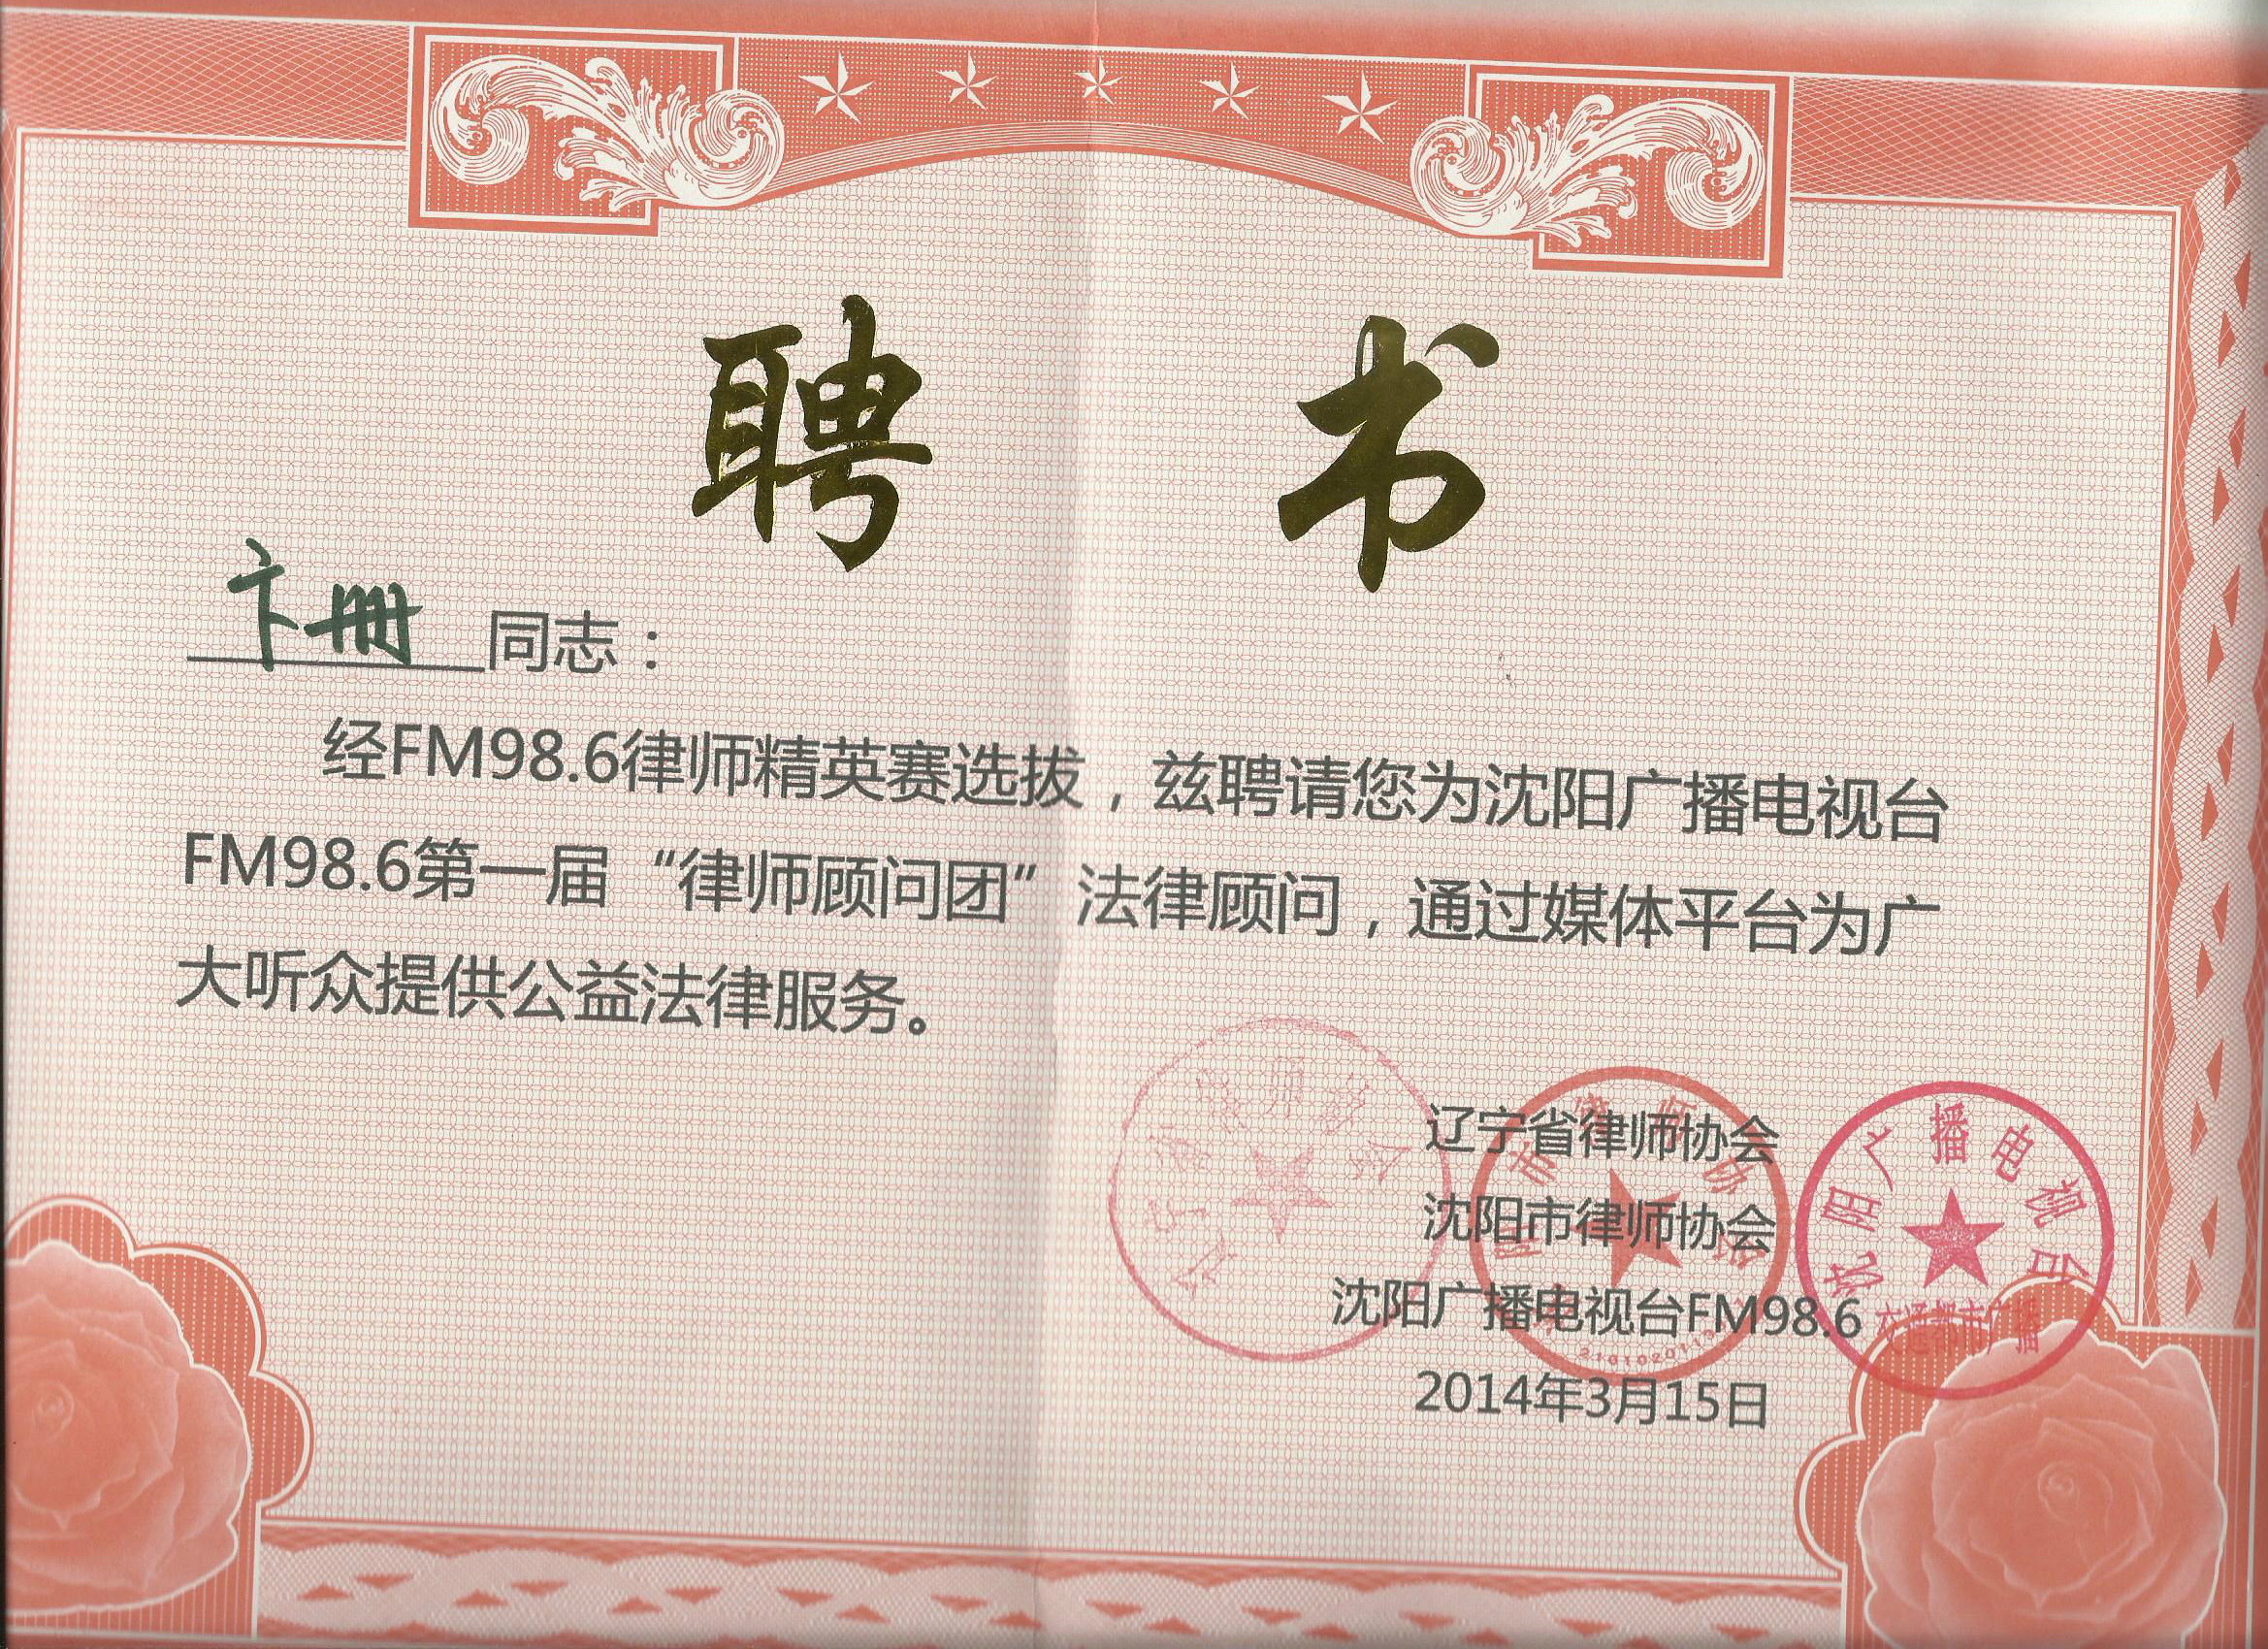 """沈阳广播电视台FM986""""律师顾问团""""法律顾问"""